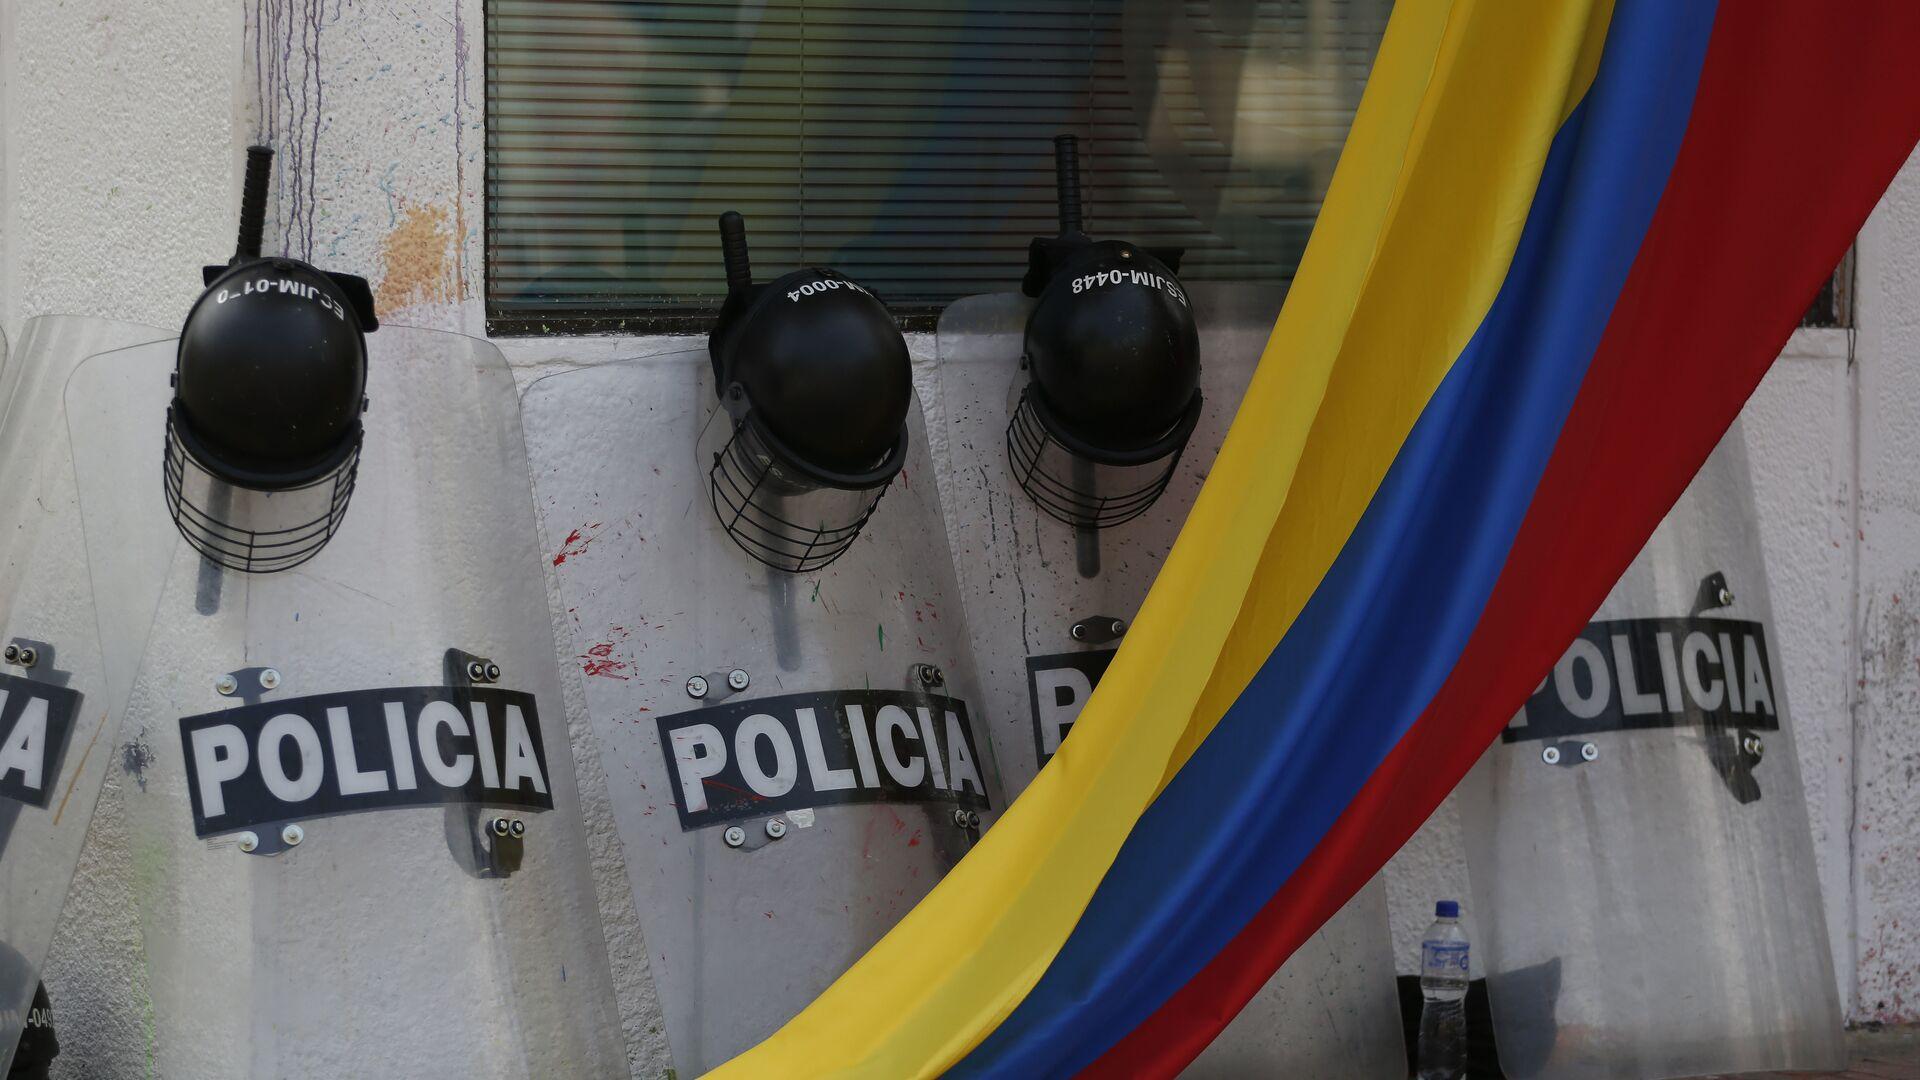 Escudos de los policías colombianos y la bandera del país (archivo) - Sputnik Mundo, 1920, 08.07.2021